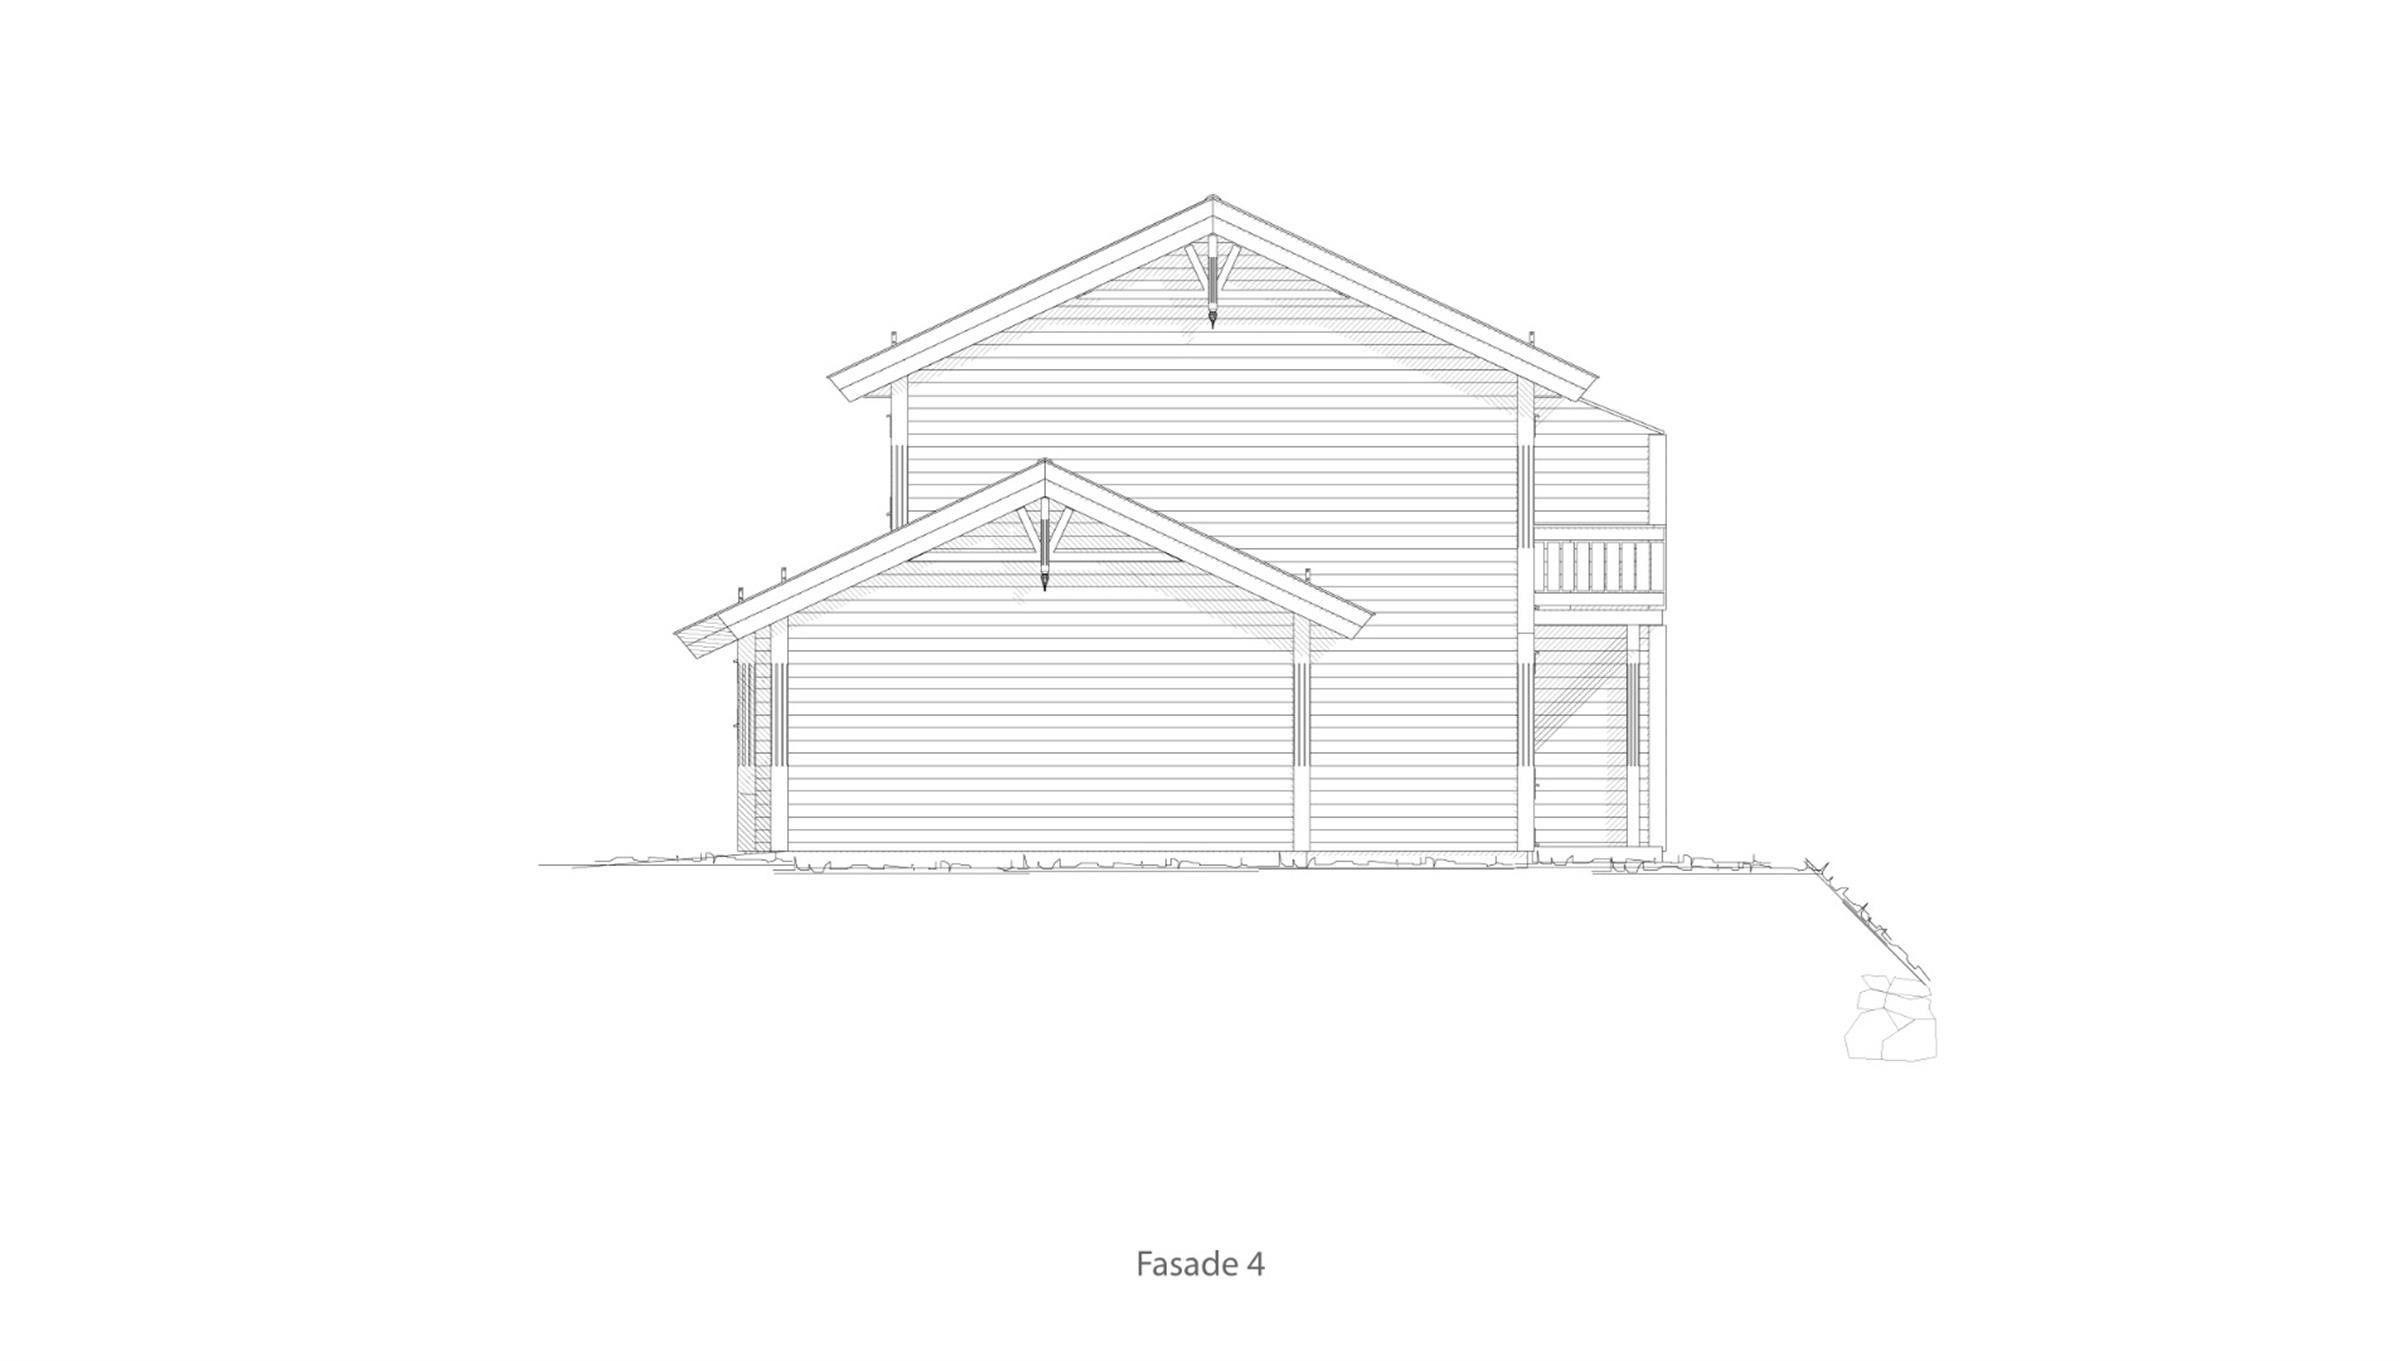 Molde fasade 4